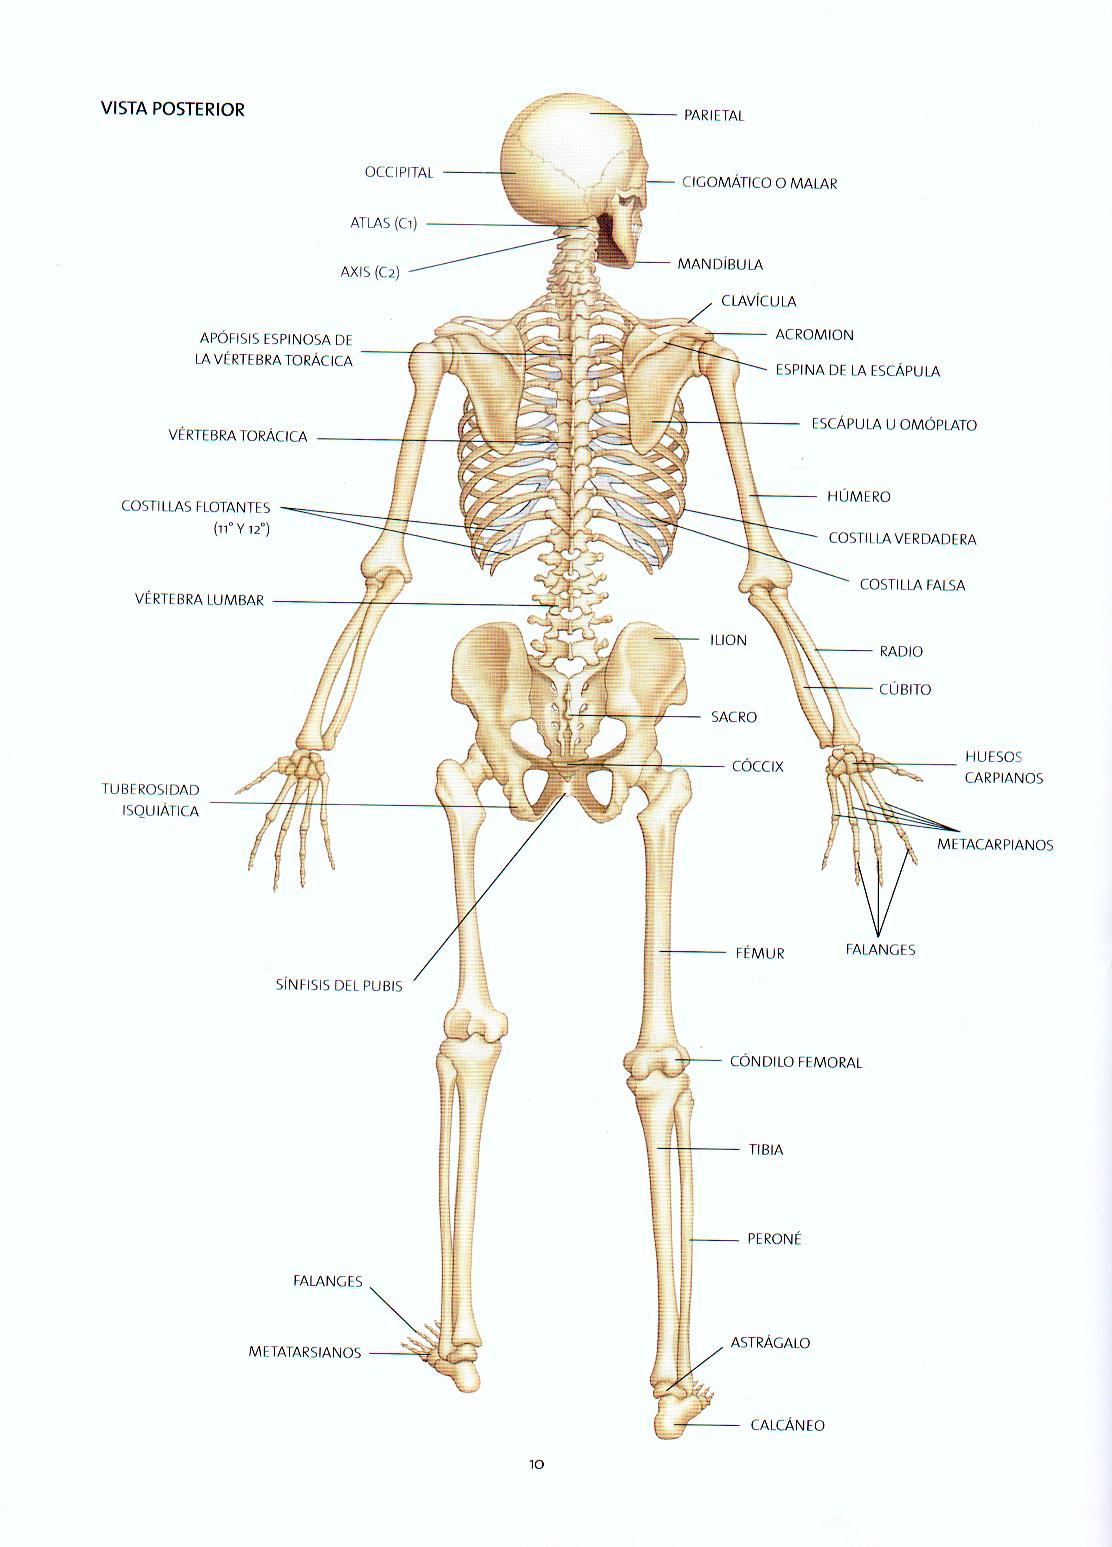 Imagenes De Un Esqueleto Humano